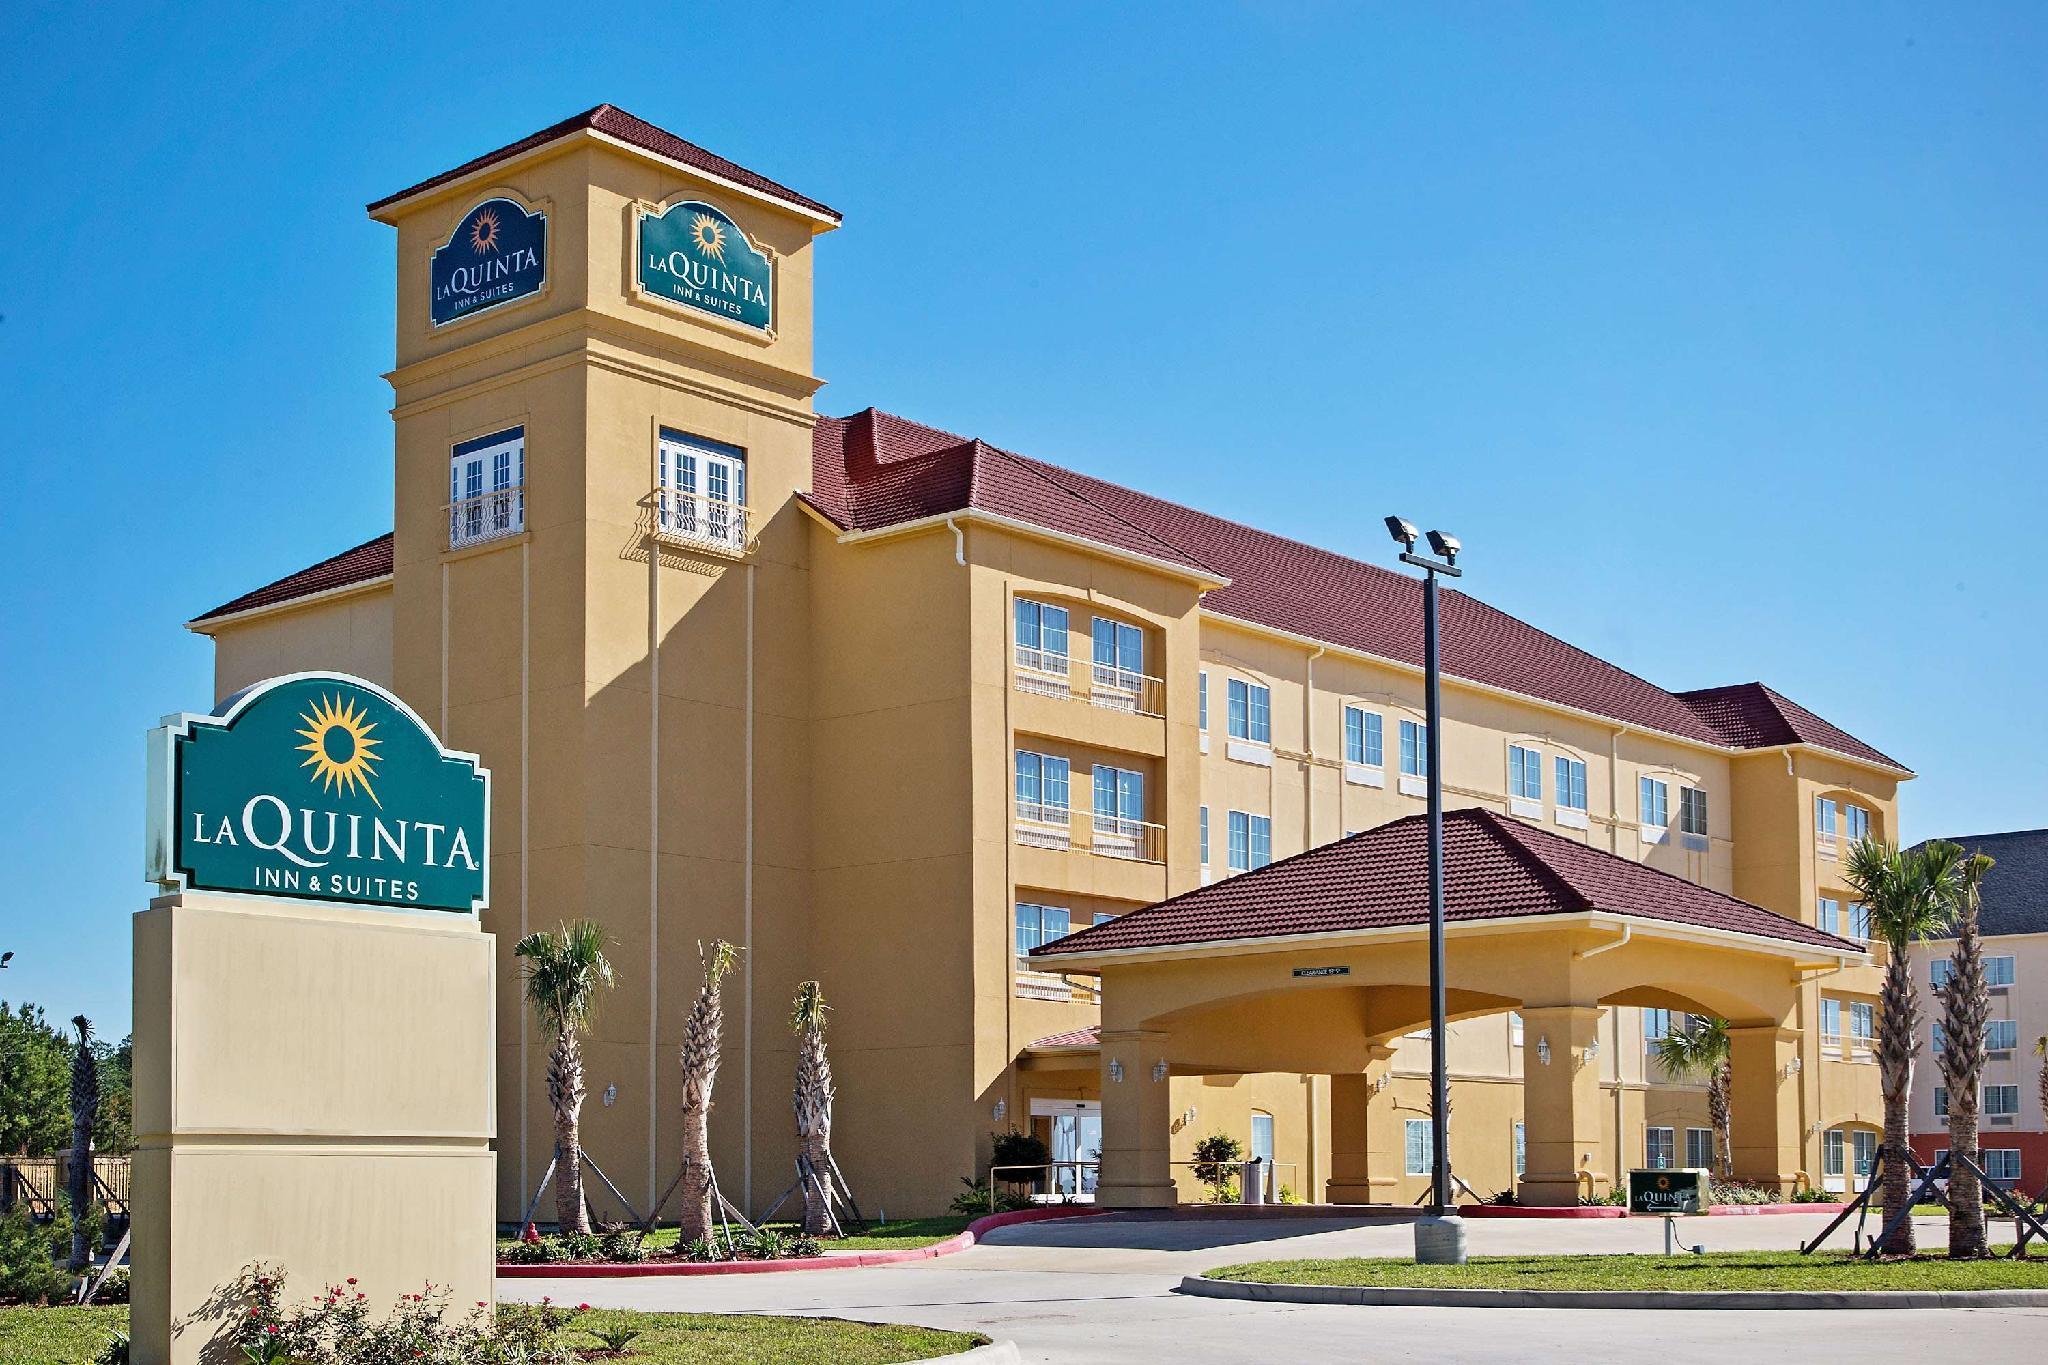 La Quinta Inn And Suites By Wyndham Leesville Ft. Polk